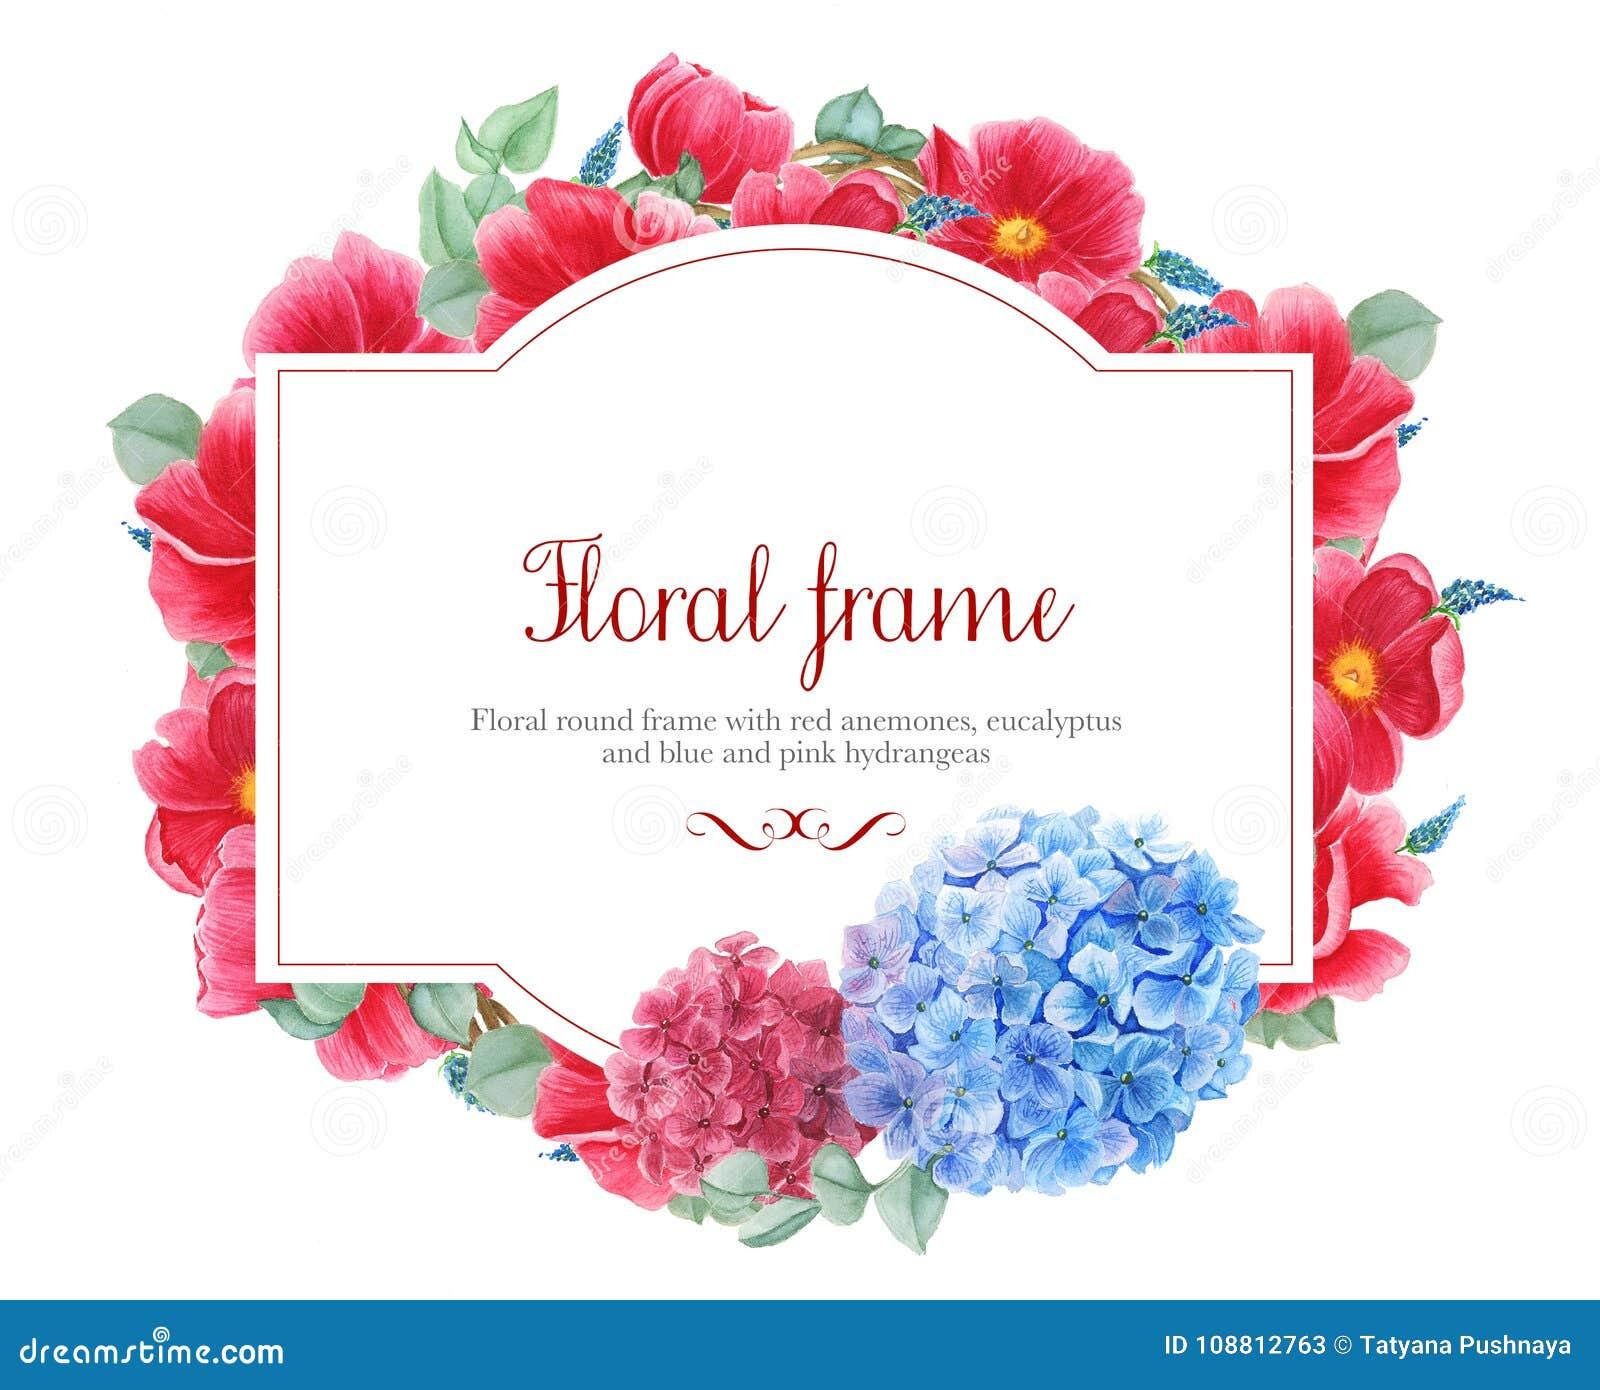 Blumenrahmen mit roten Anemonen, rosa und blaue Hortensie und Niederlassungen des Eukalyptus, Aquarellmalerei